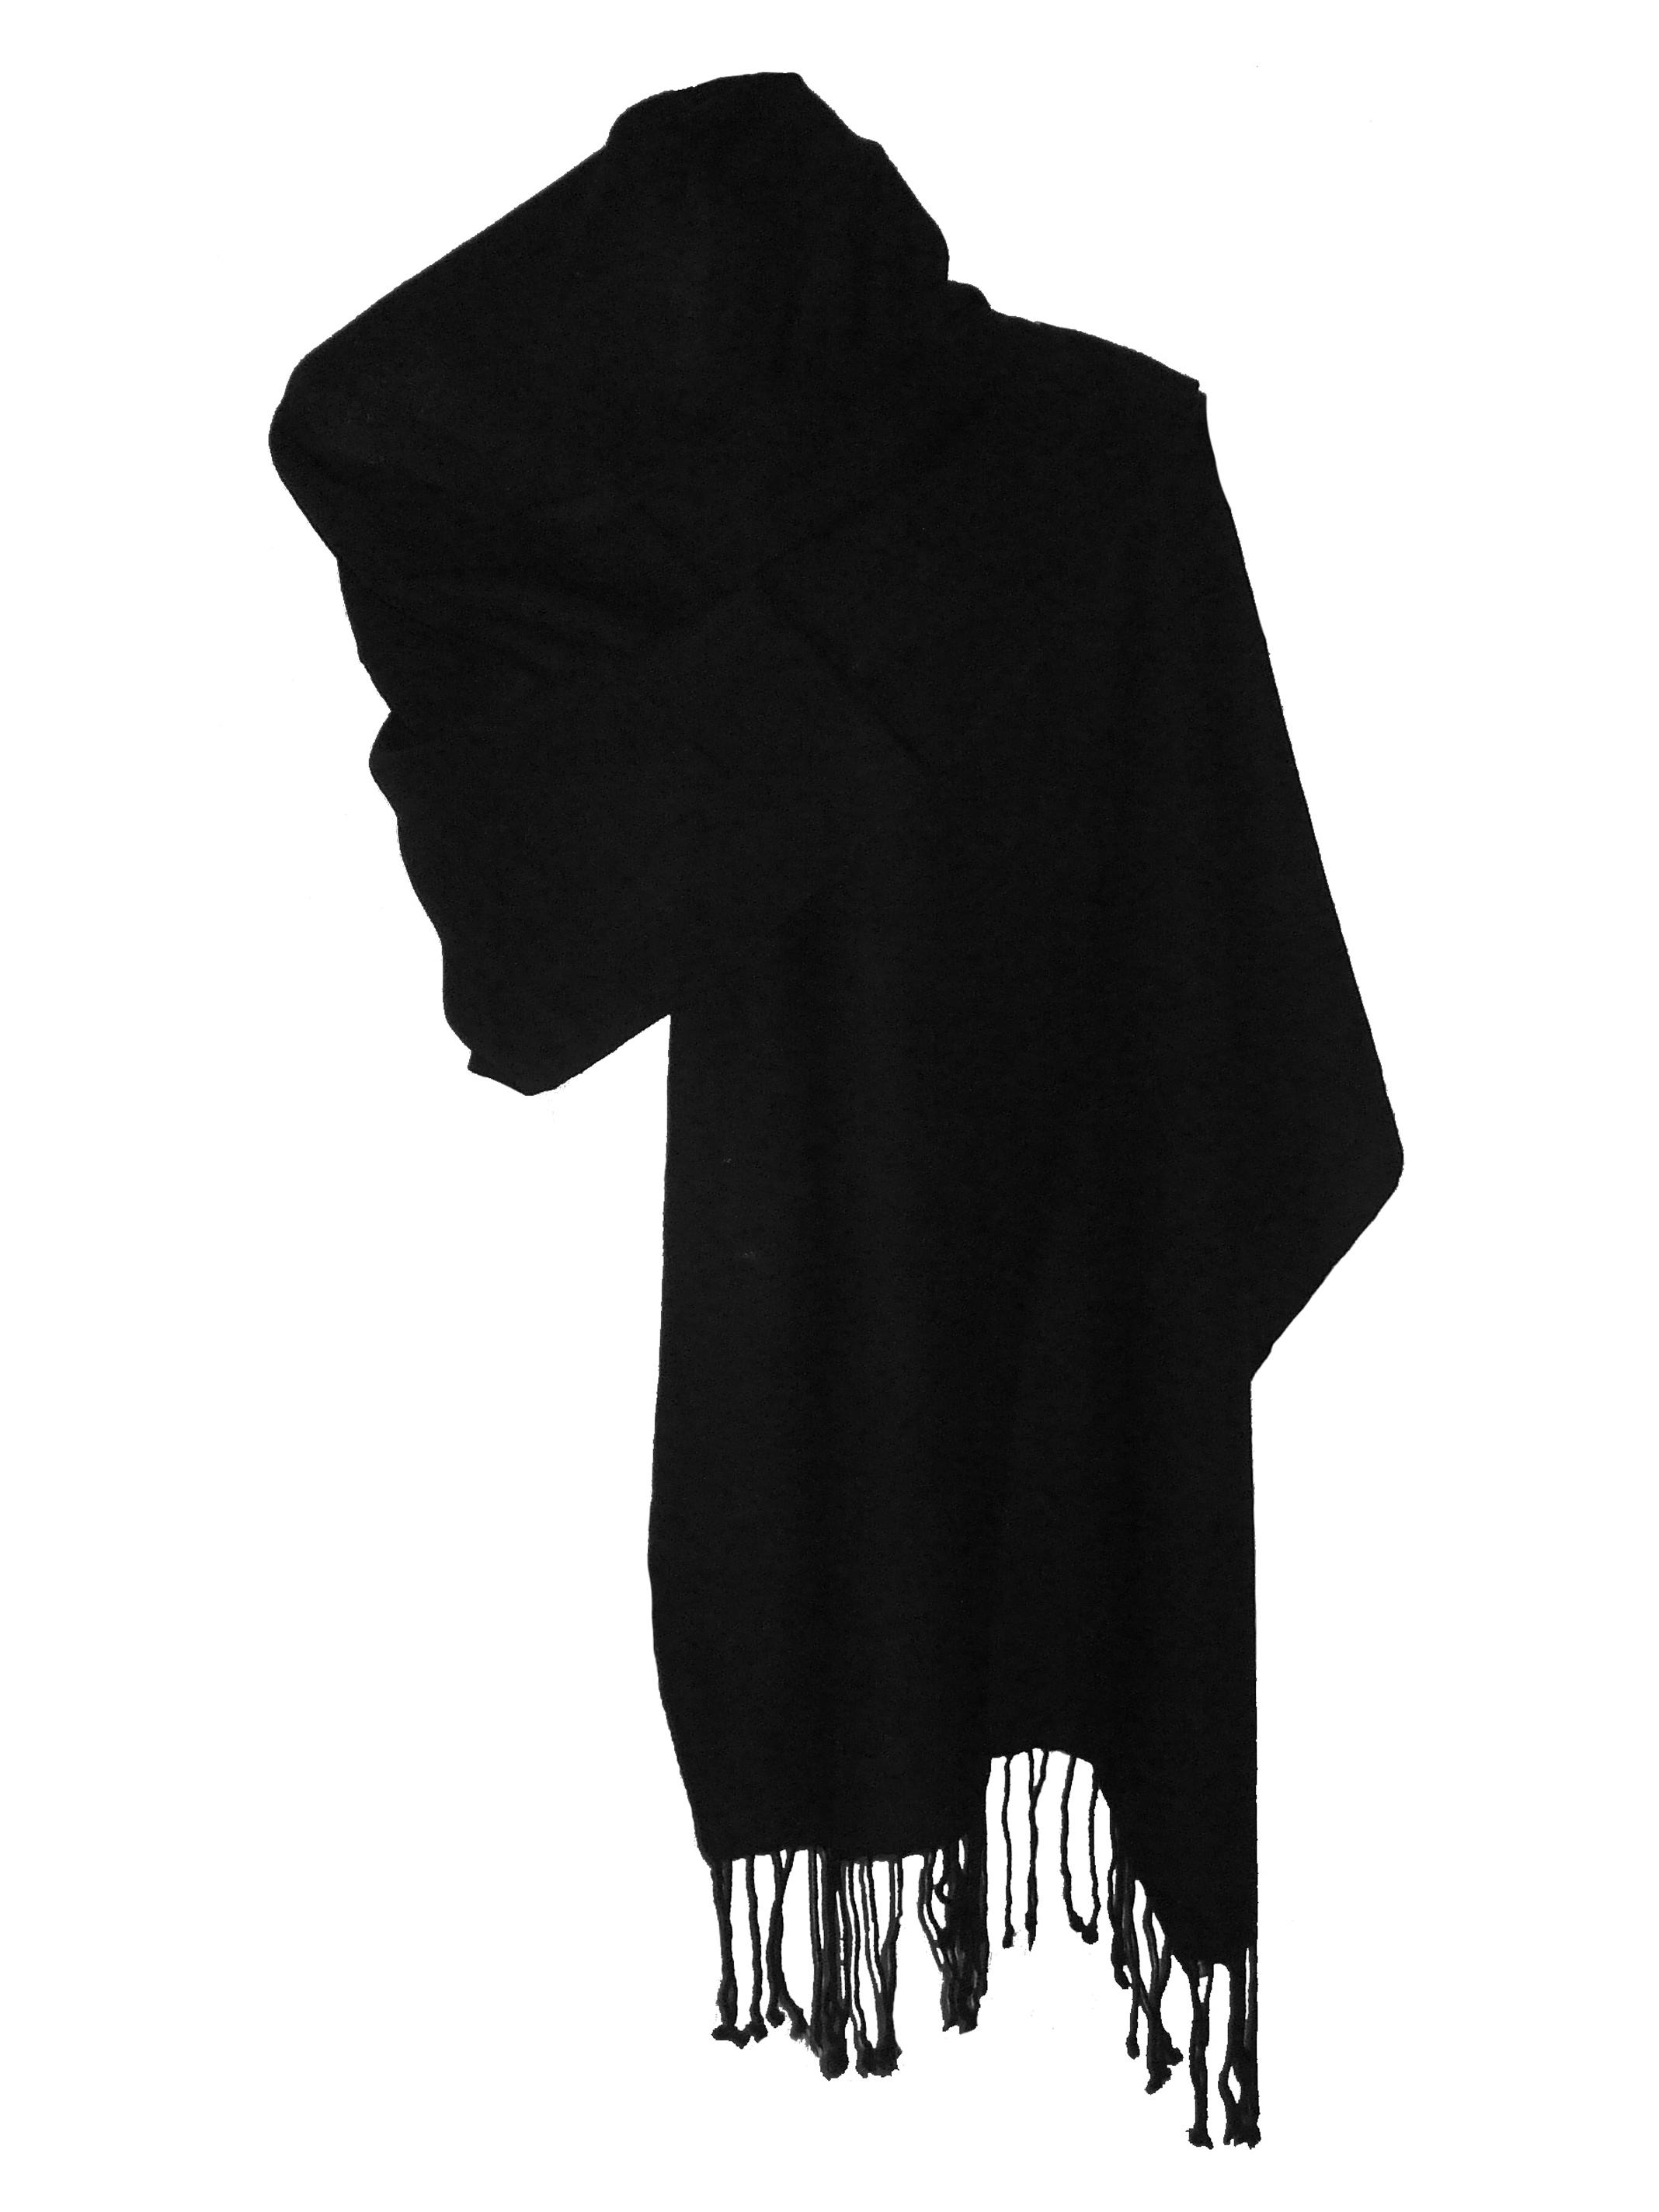 3486c0a87bf2 Echarpe noire laine grosse echarpe blanche   Travauxchezvous